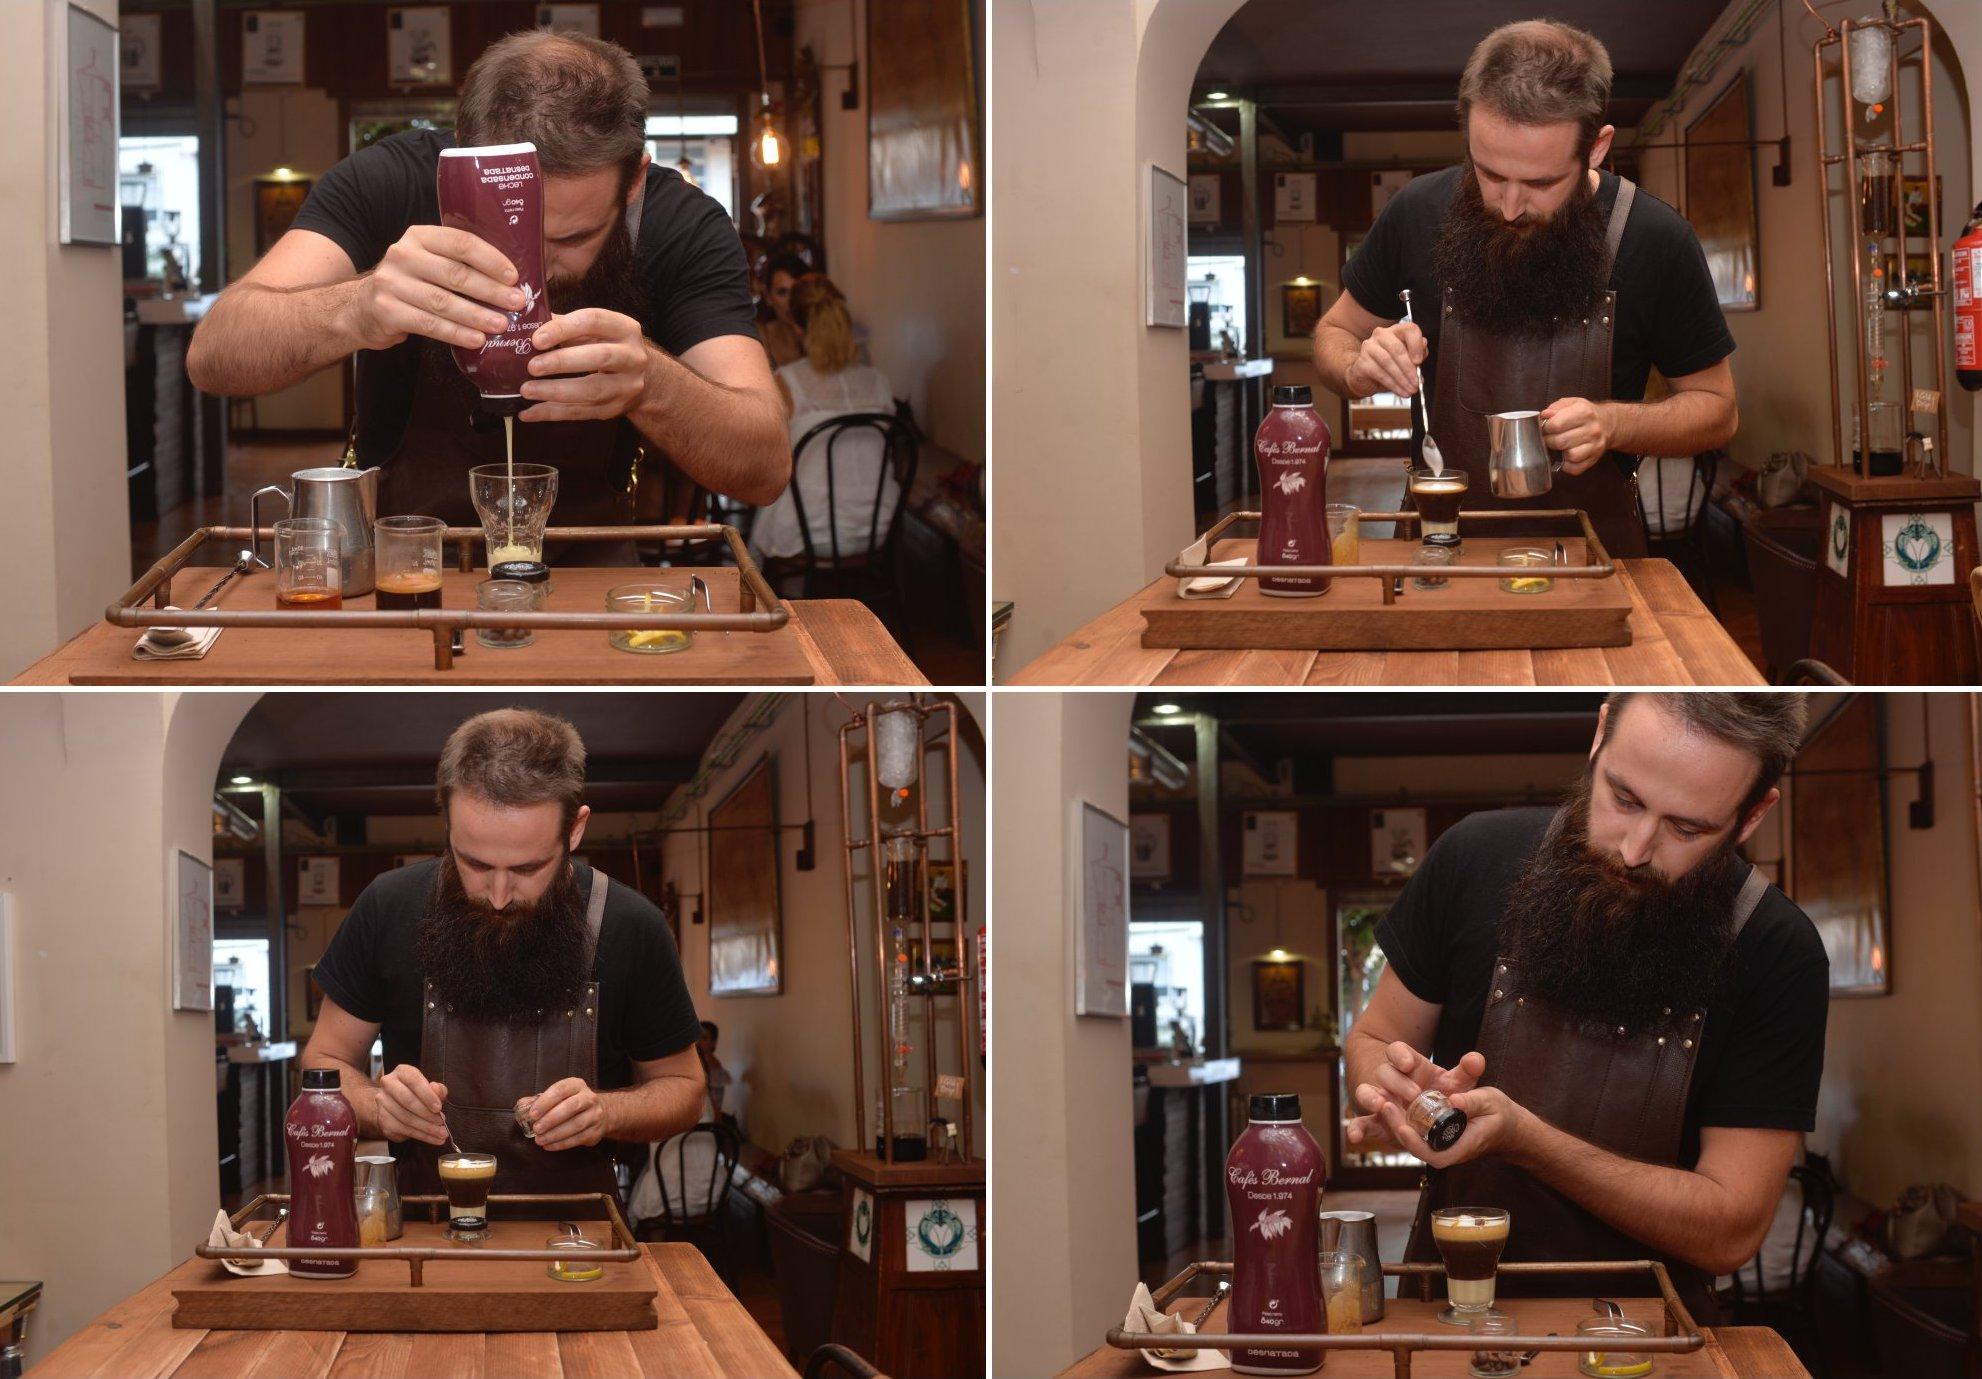 Café asiático de Cartagena (Murcia): el barista Juan Antonio Martínez de 'Cafés Bernal'